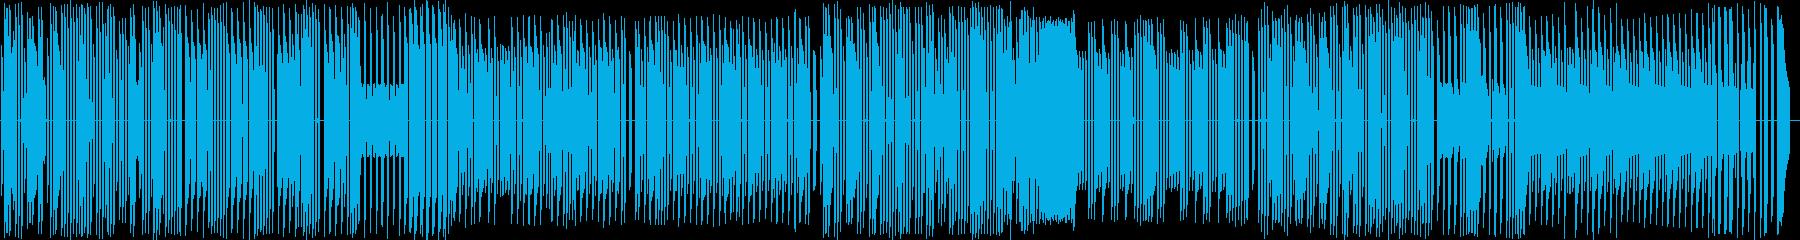 KANT  天国と地獄 8bitサウンドの再生済みの波形